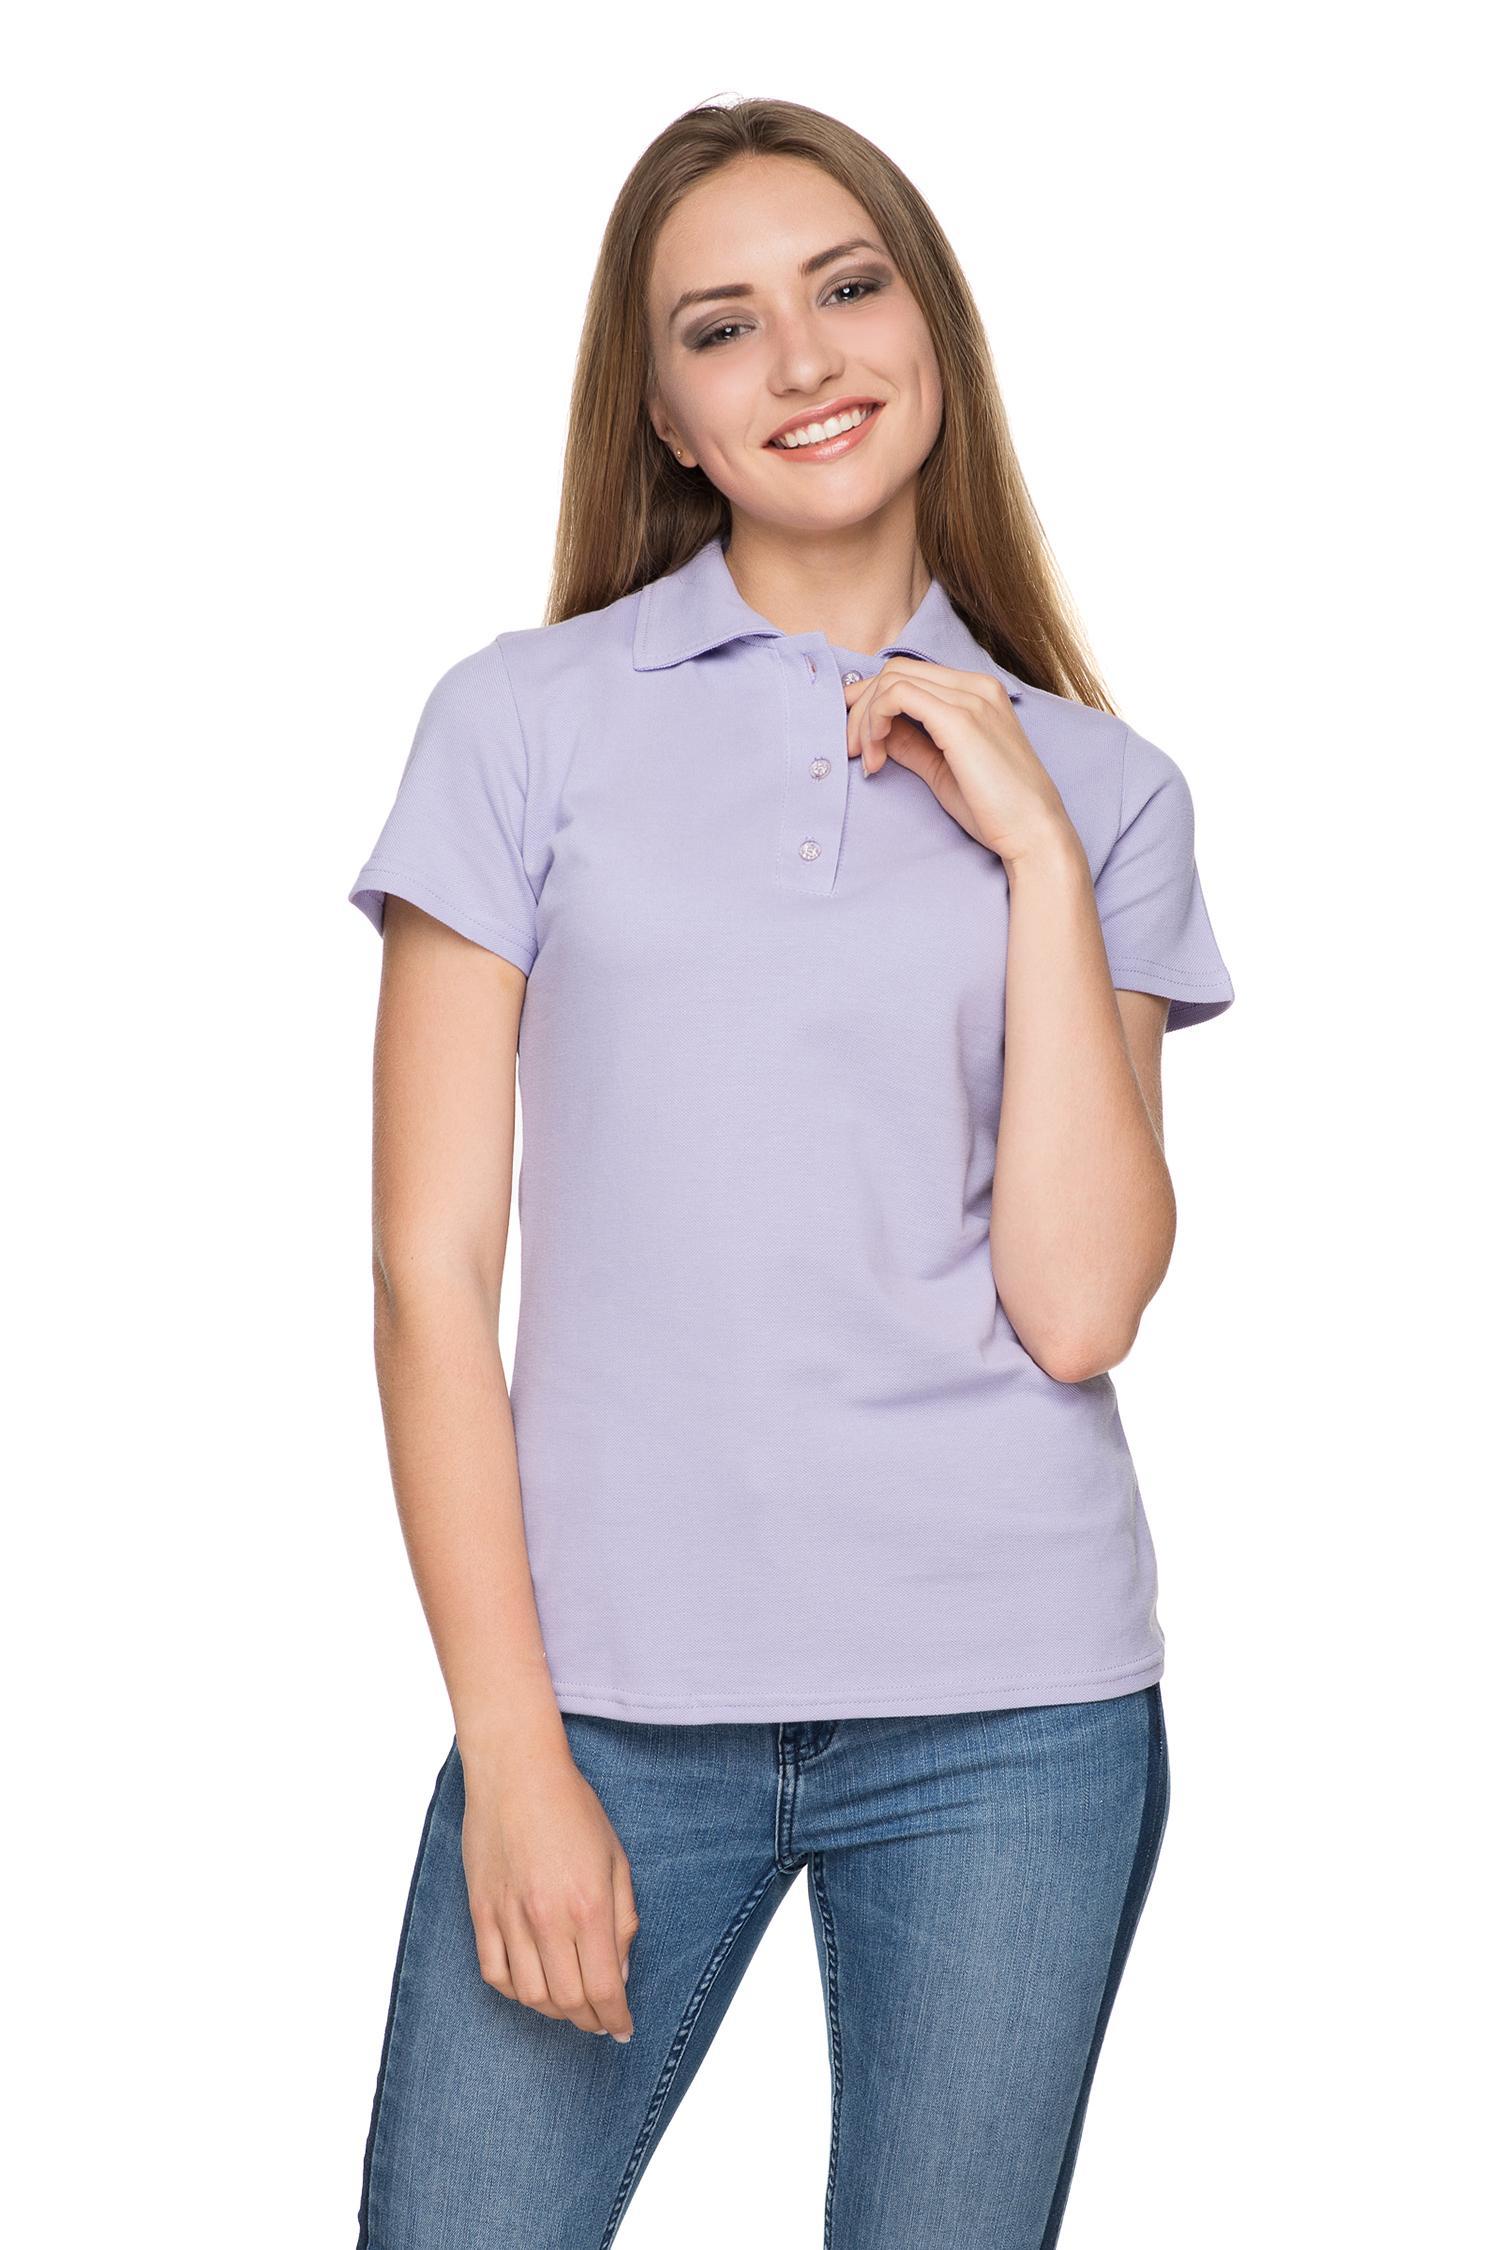 270ecd895070b Купить Женская футболка Polo - 2817 сиреневый оптом и в розницу ...